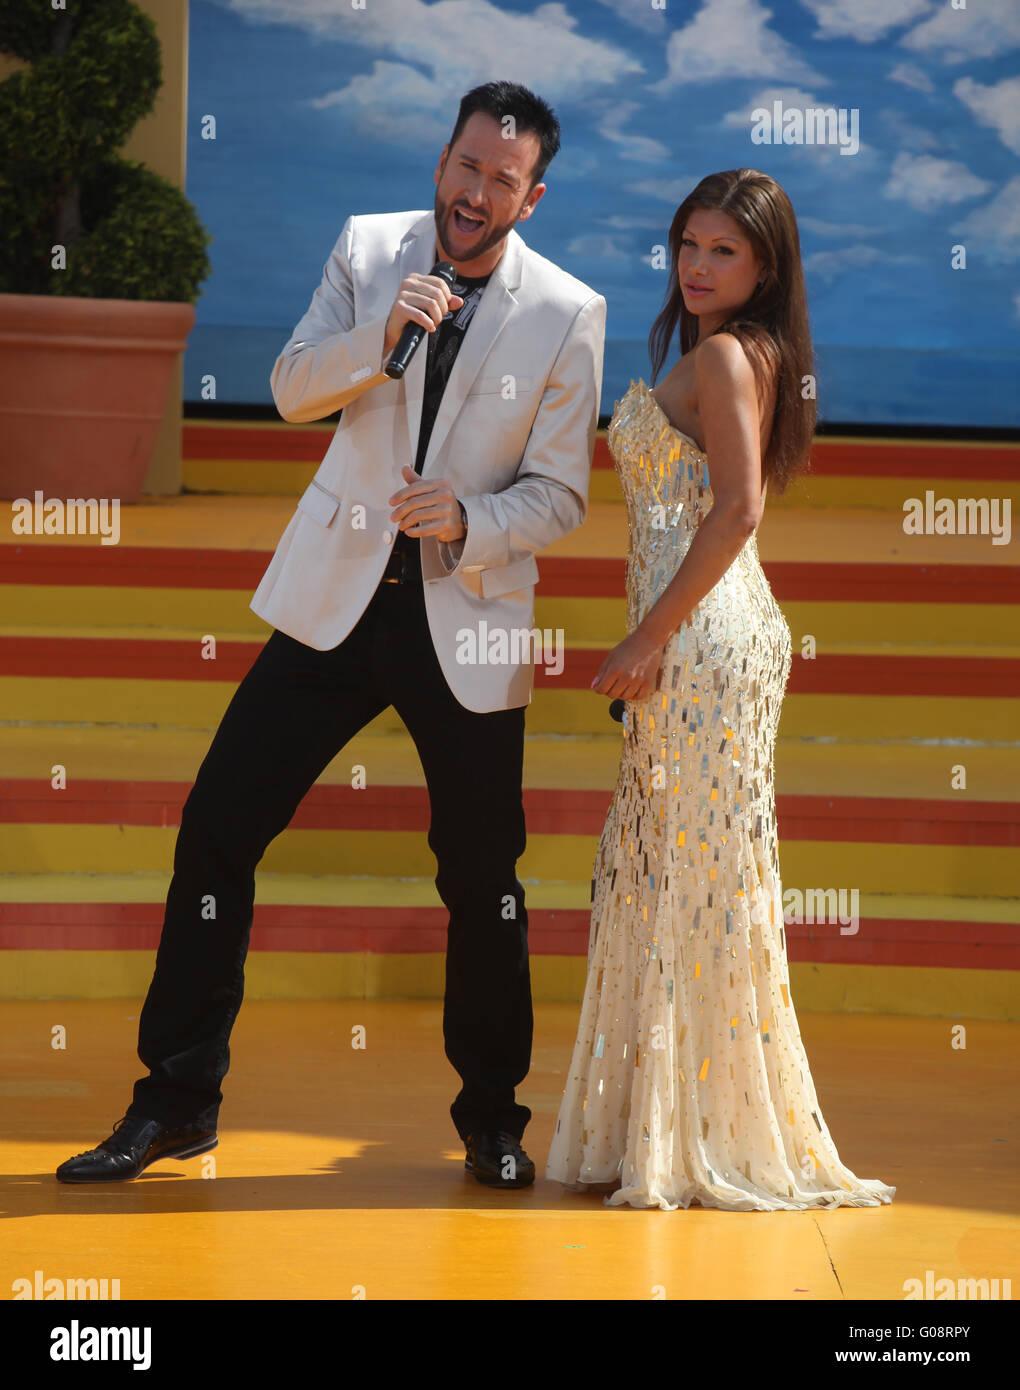 Singer Micheal Wendler and Singer Anika - Stock Image